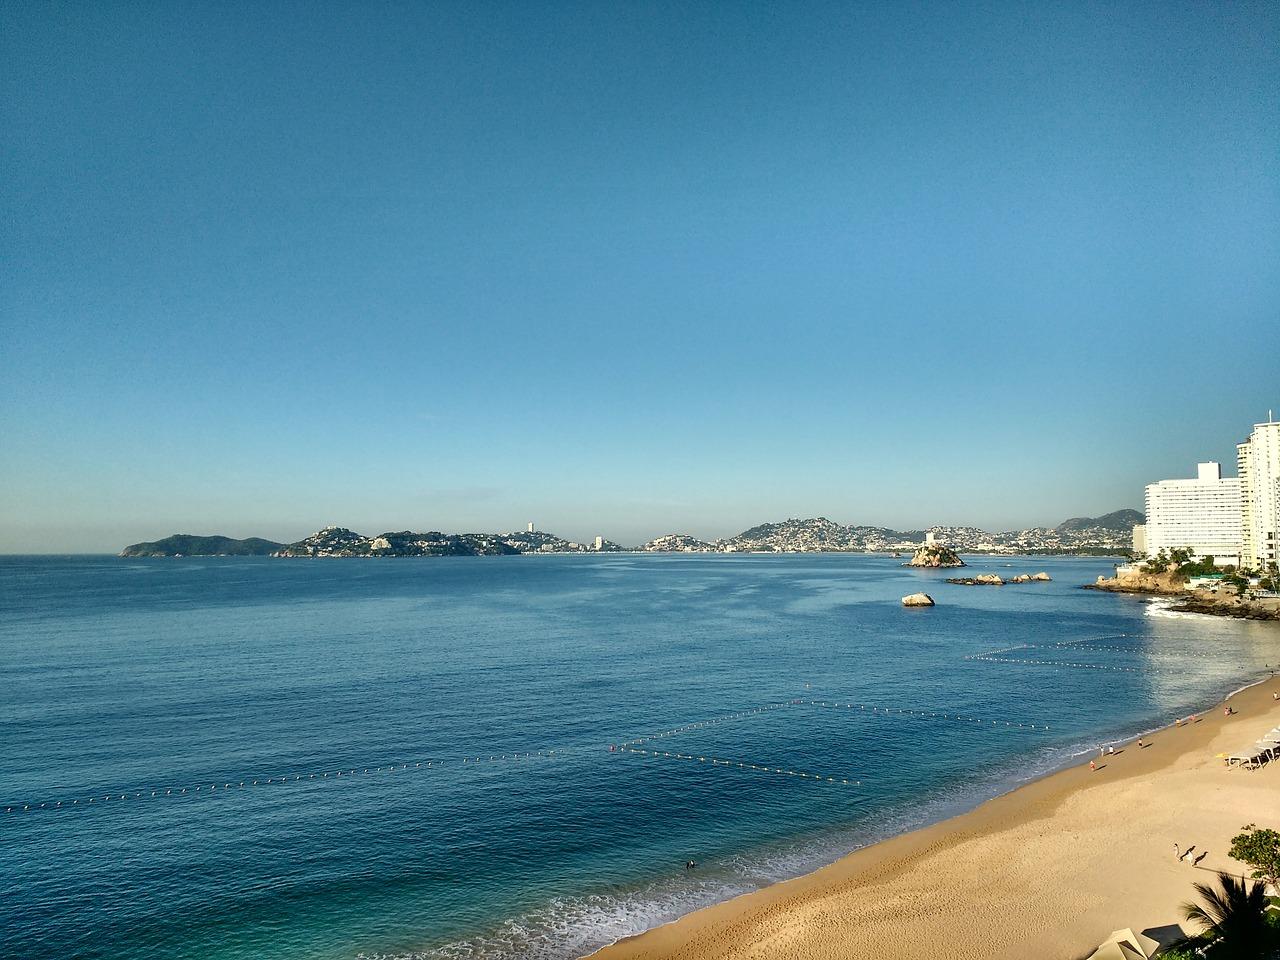 Orilla de la playa de Acapulco